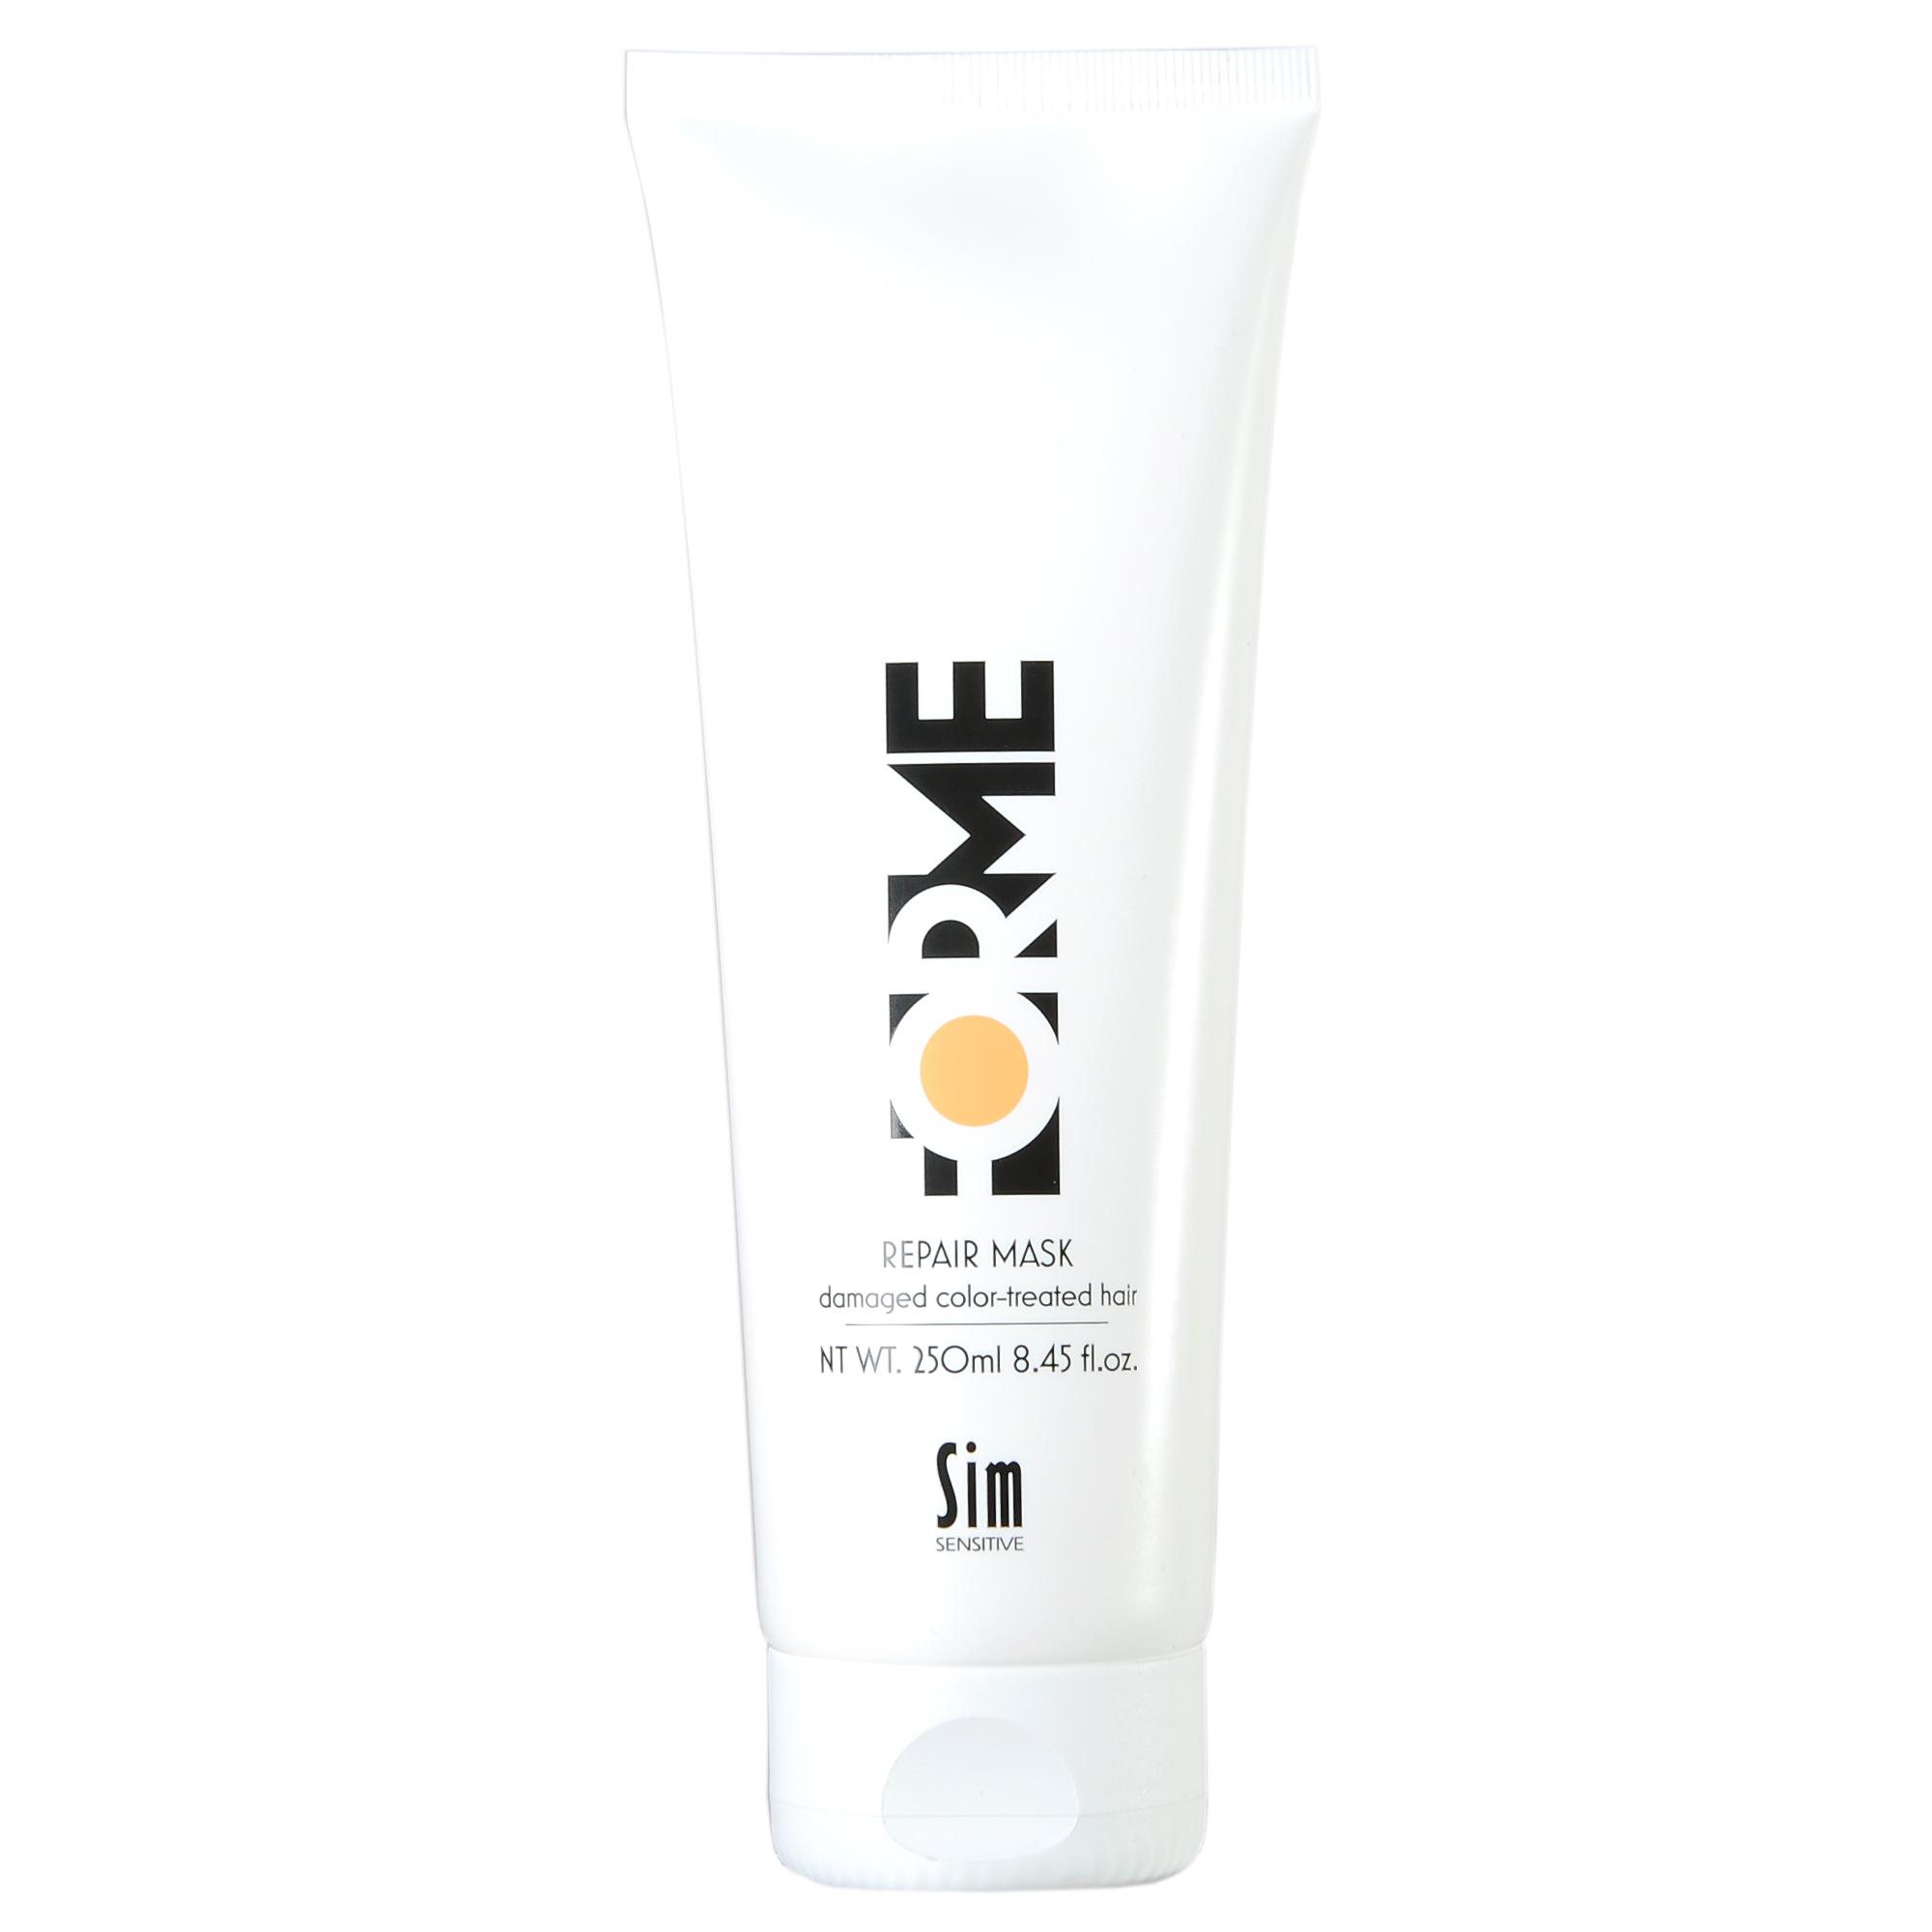 SIM SENSITIVE Маска для волос / Repair Mask FORME 250мл